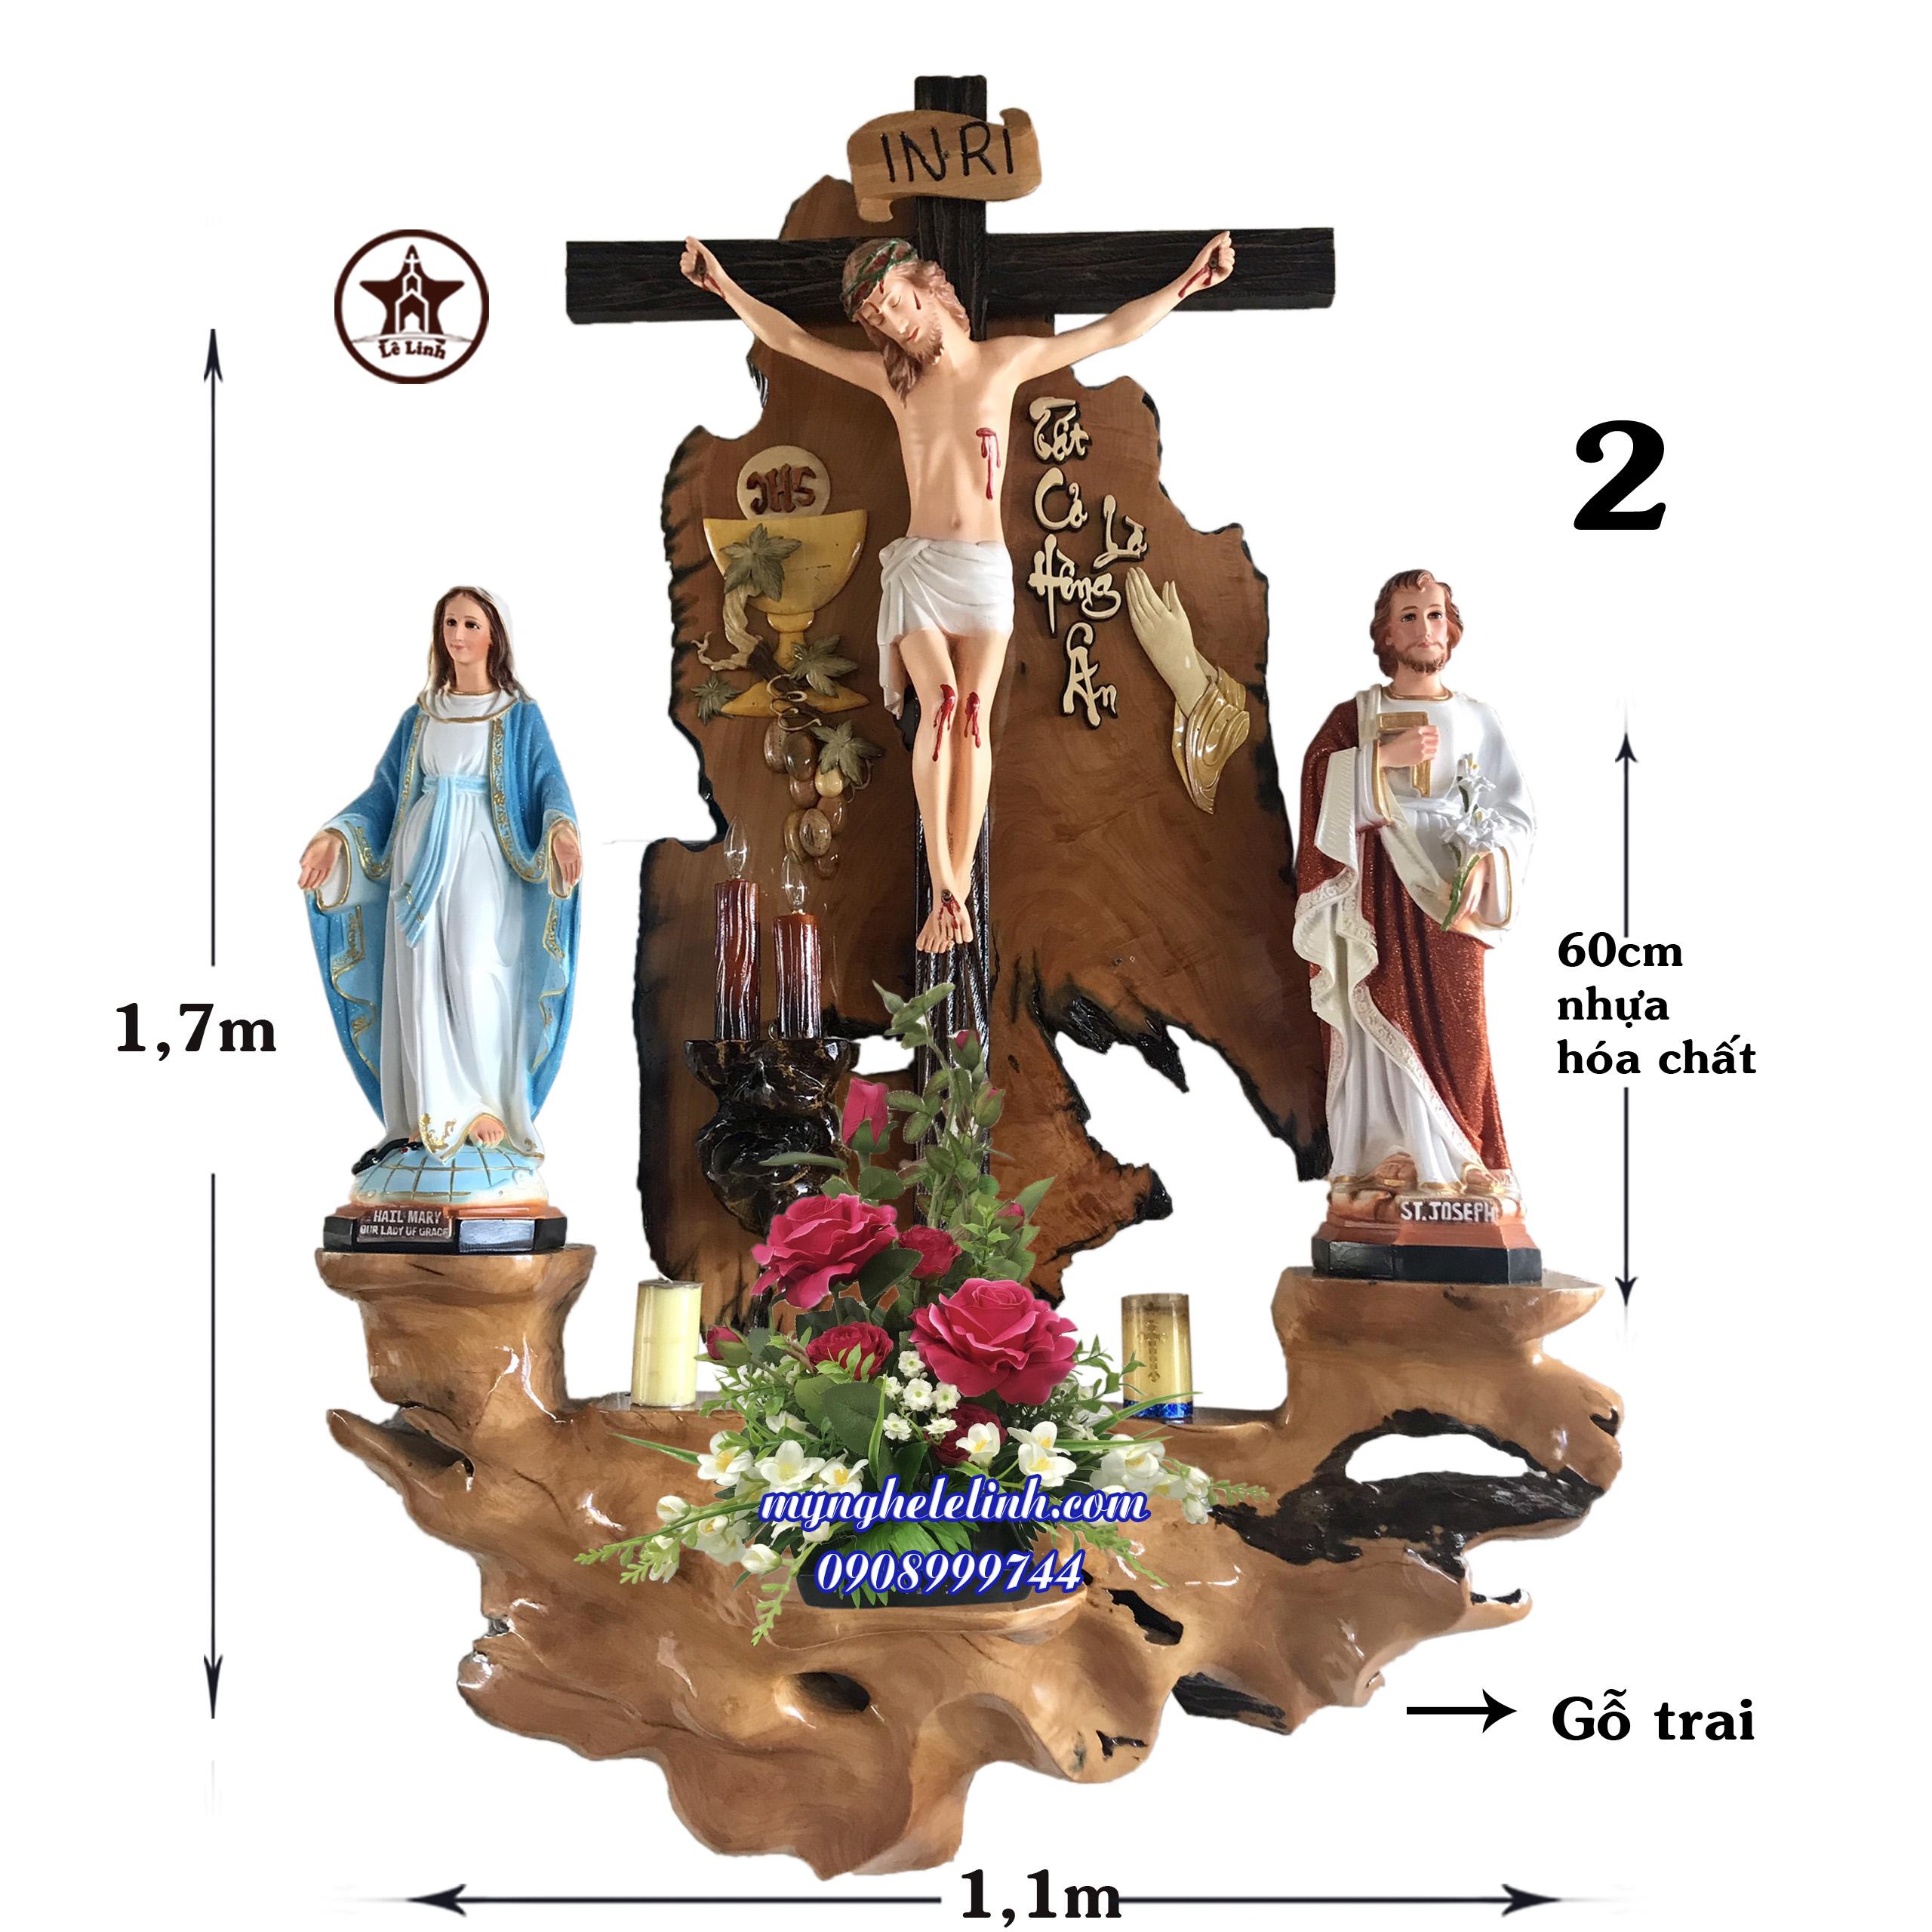 Bàn thờ công giáo LL-P95